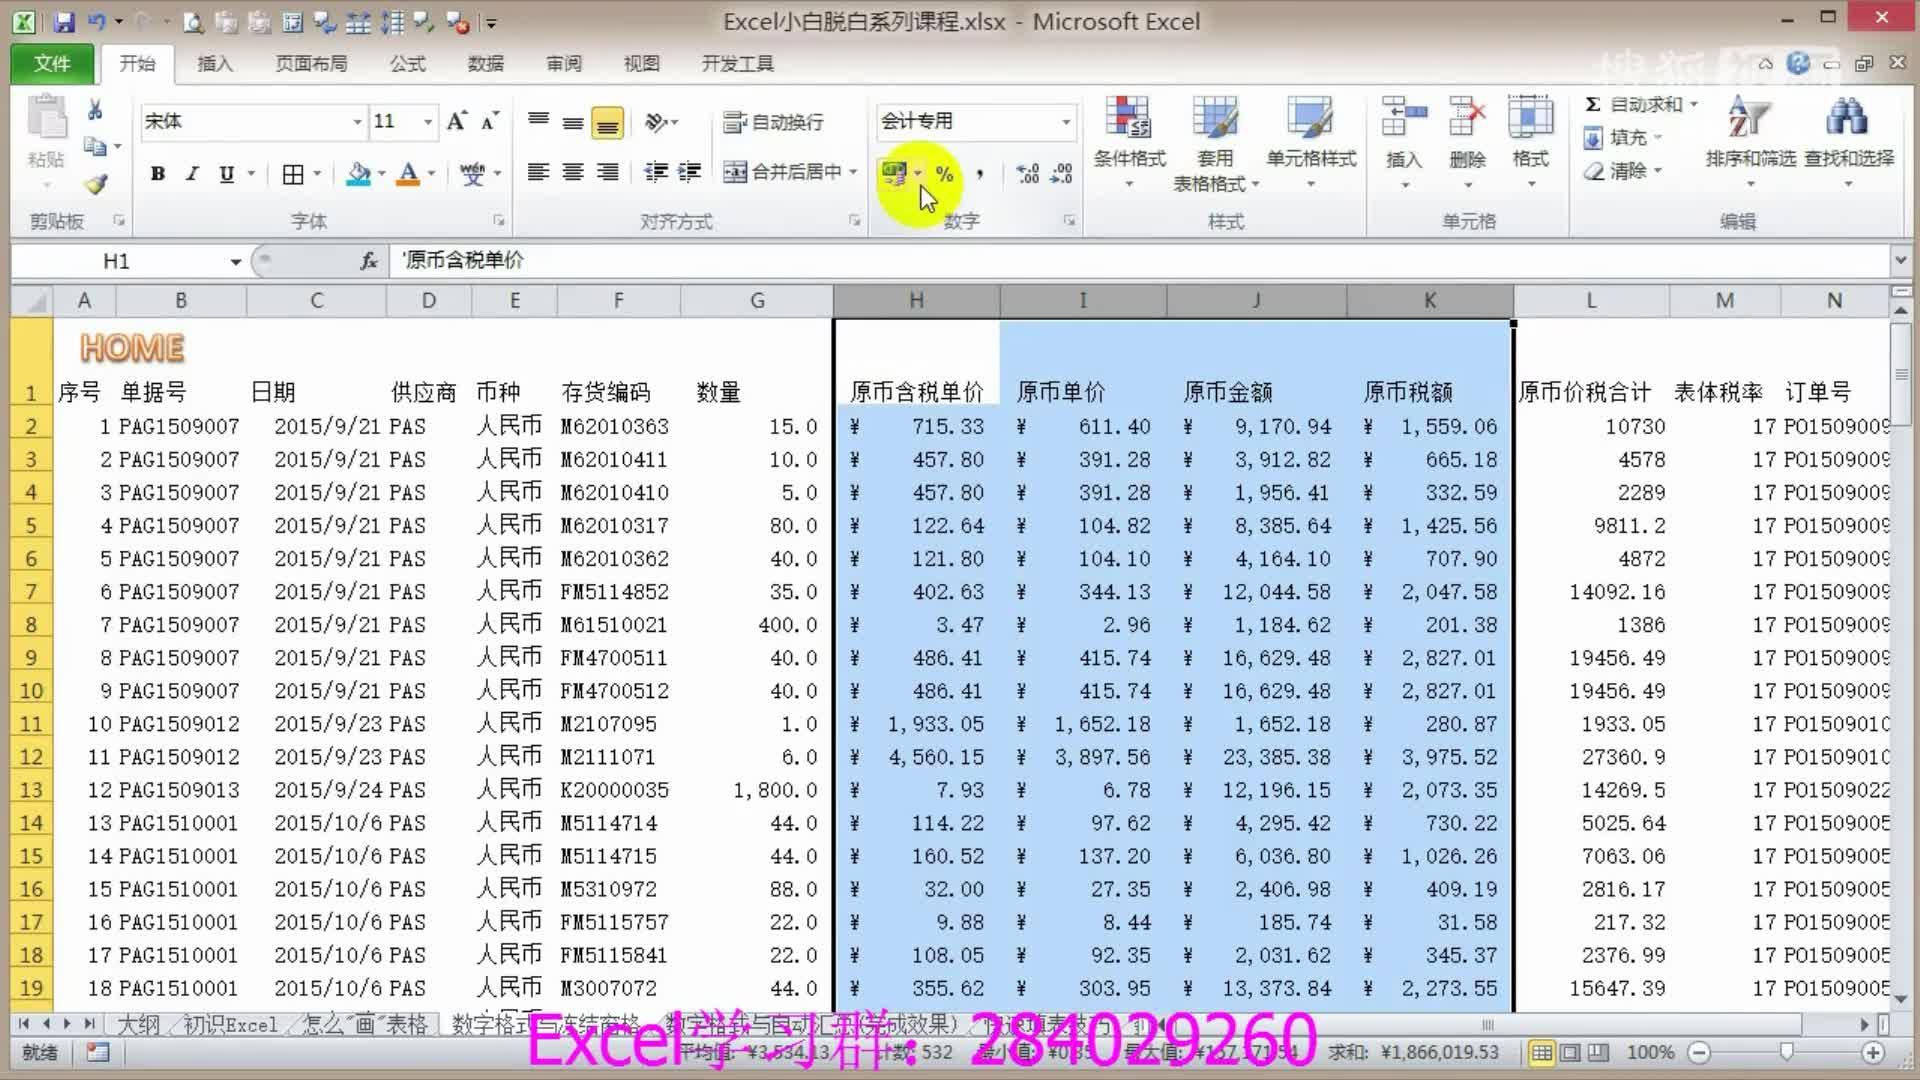 excel2010分类汇总视频excel表格制作视频数字格式与冻结窗格